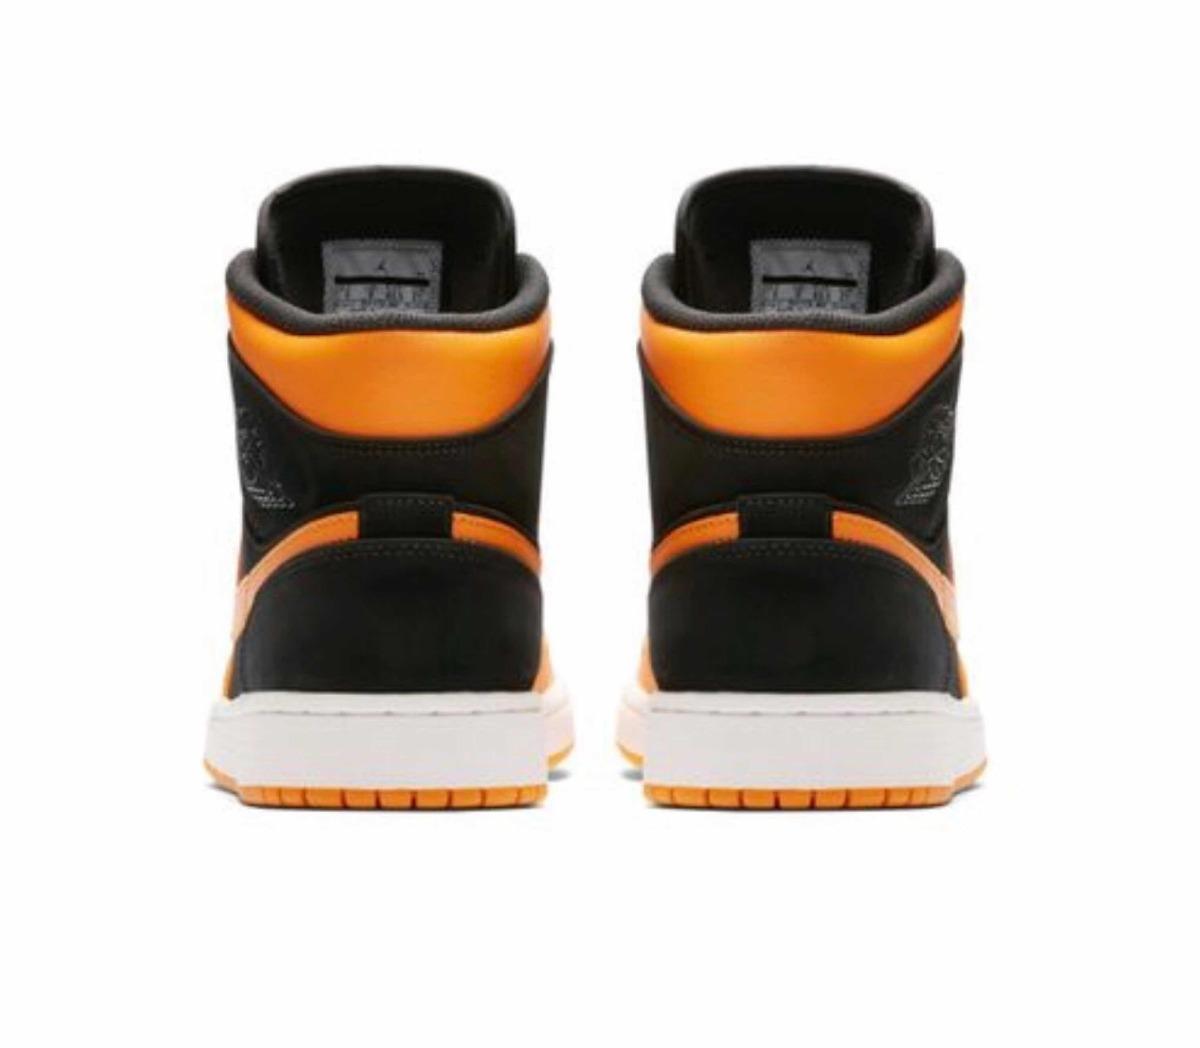 520e57d81899e zapatillas botitas jordan air jordan 1 a pedido. Cargando zoom.